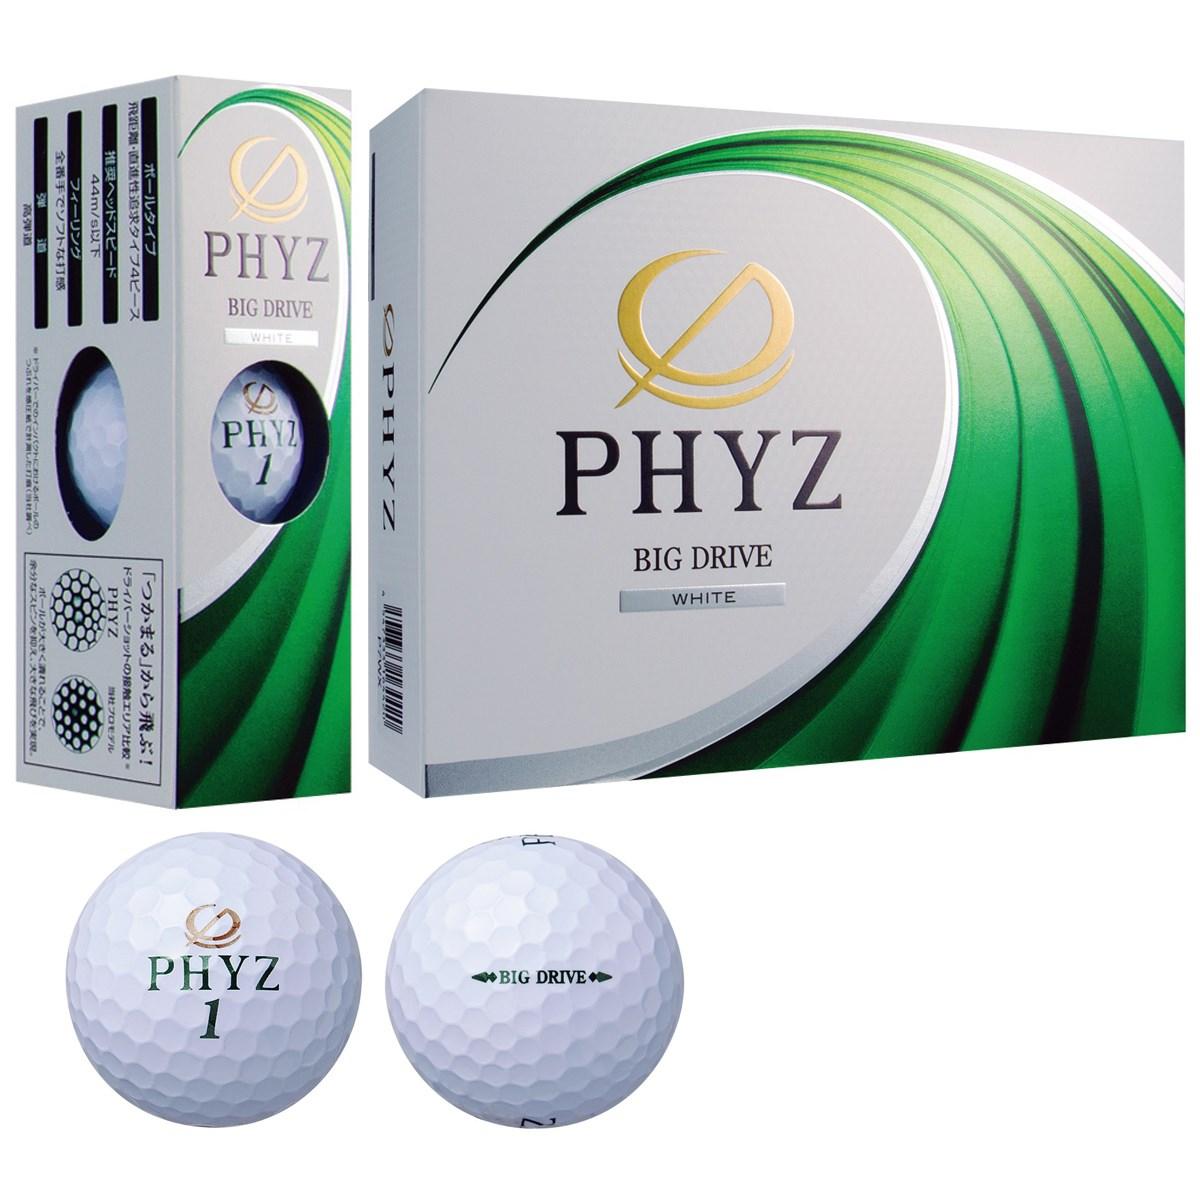 ブリヂストン PHYZ PHYZ ボール 2017年モデル 1ダース(12個入り) ホワイト